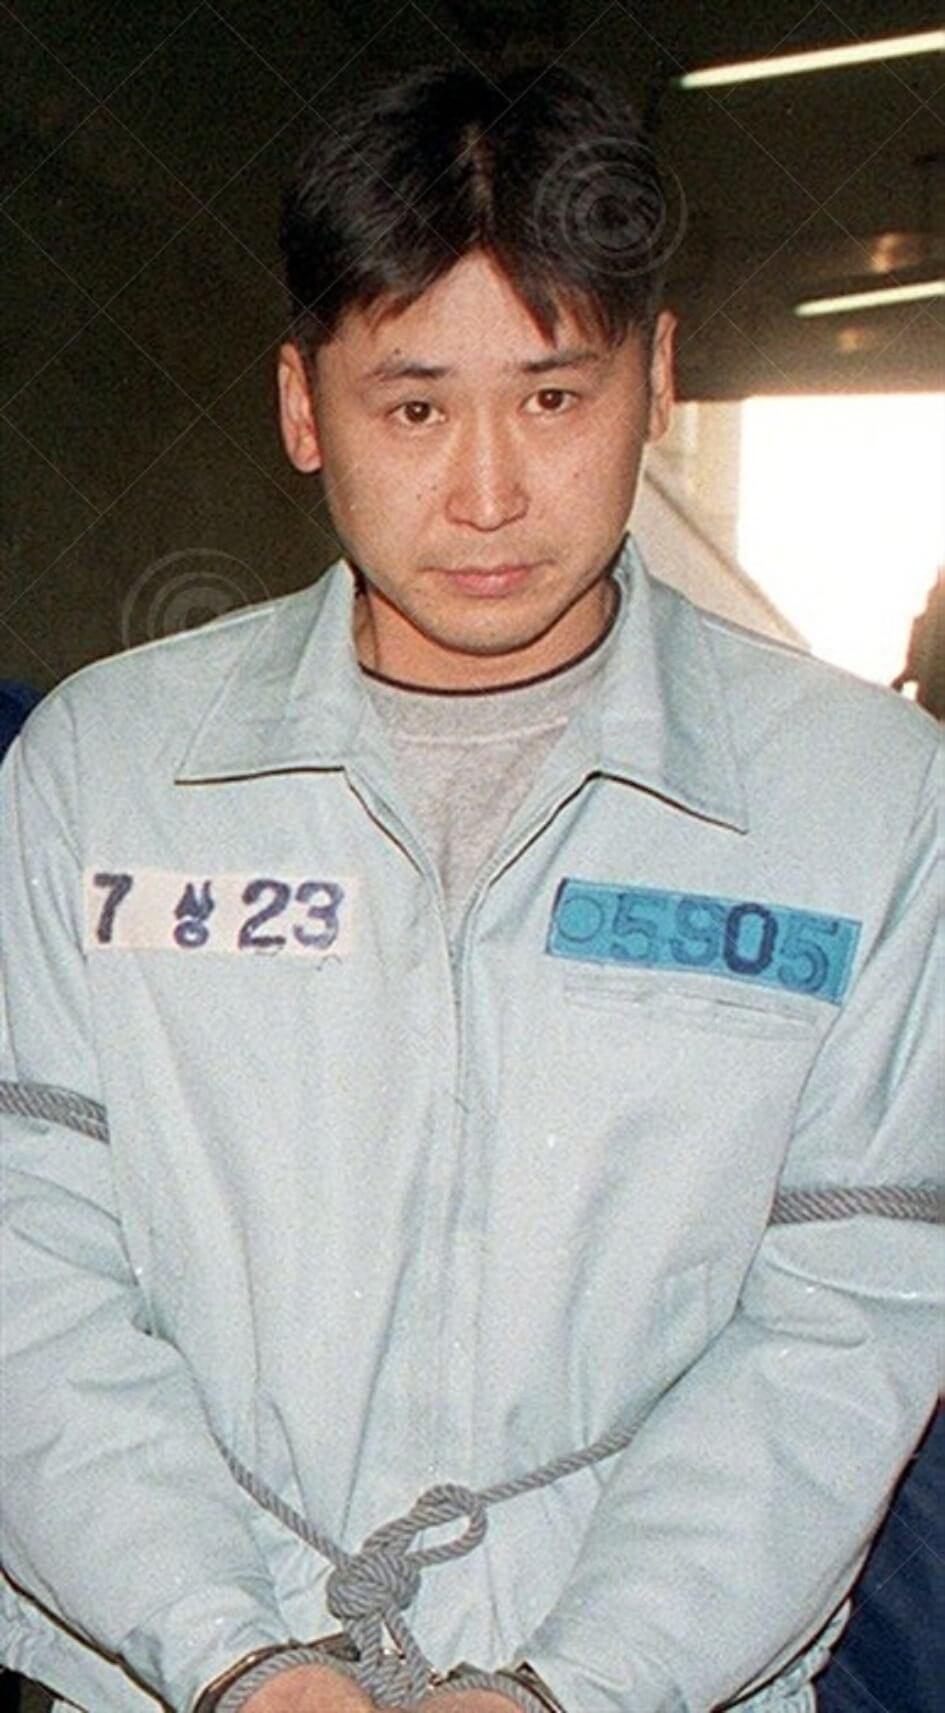 申東燁九九年曾因吸食大麻被拘留四日,後來交出二千萬韓圜保釋金才獲釋放。